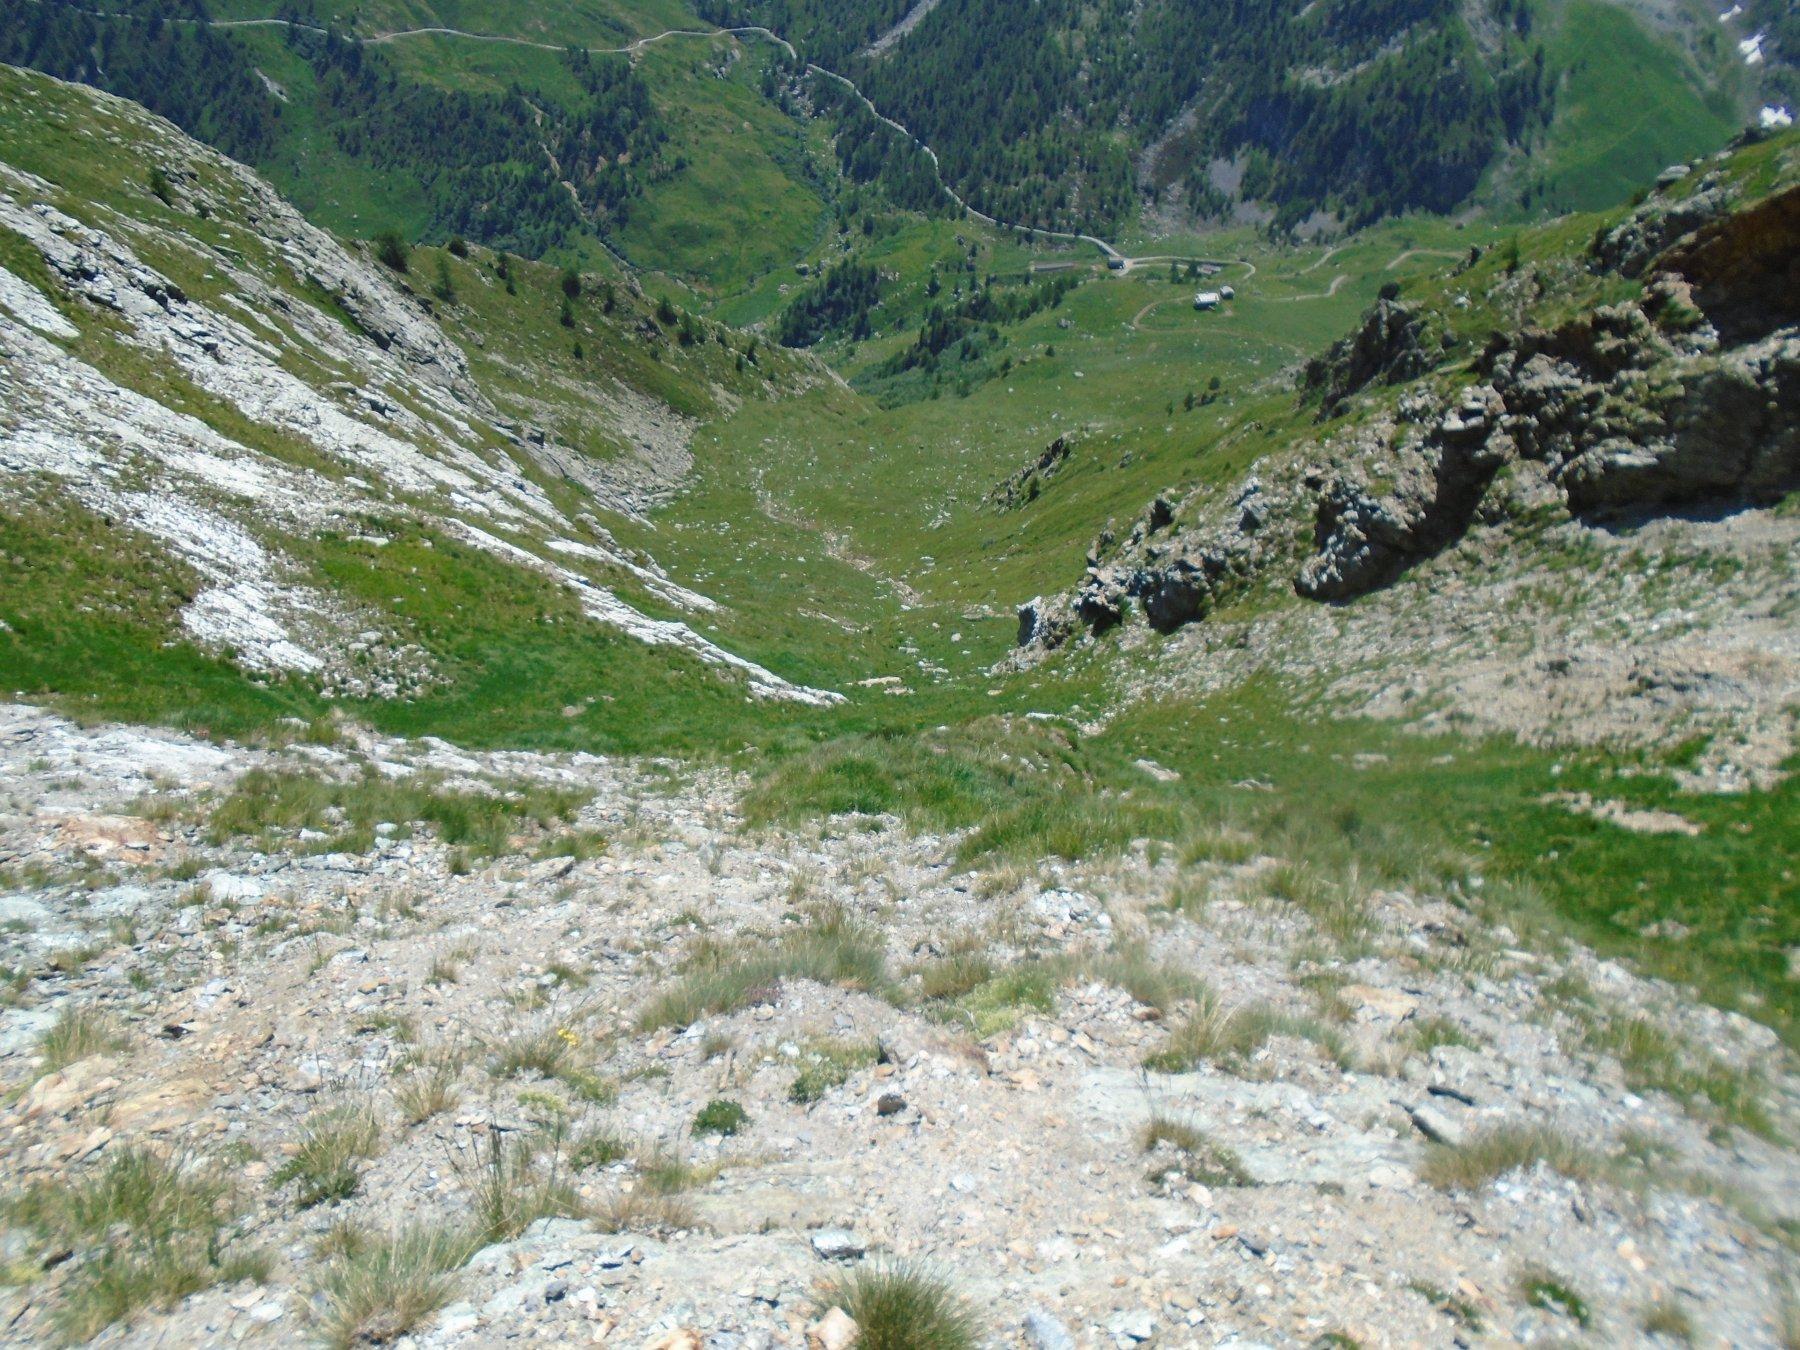 Canale SE parte alta ripida; in basso Gr. Maro e Valanga